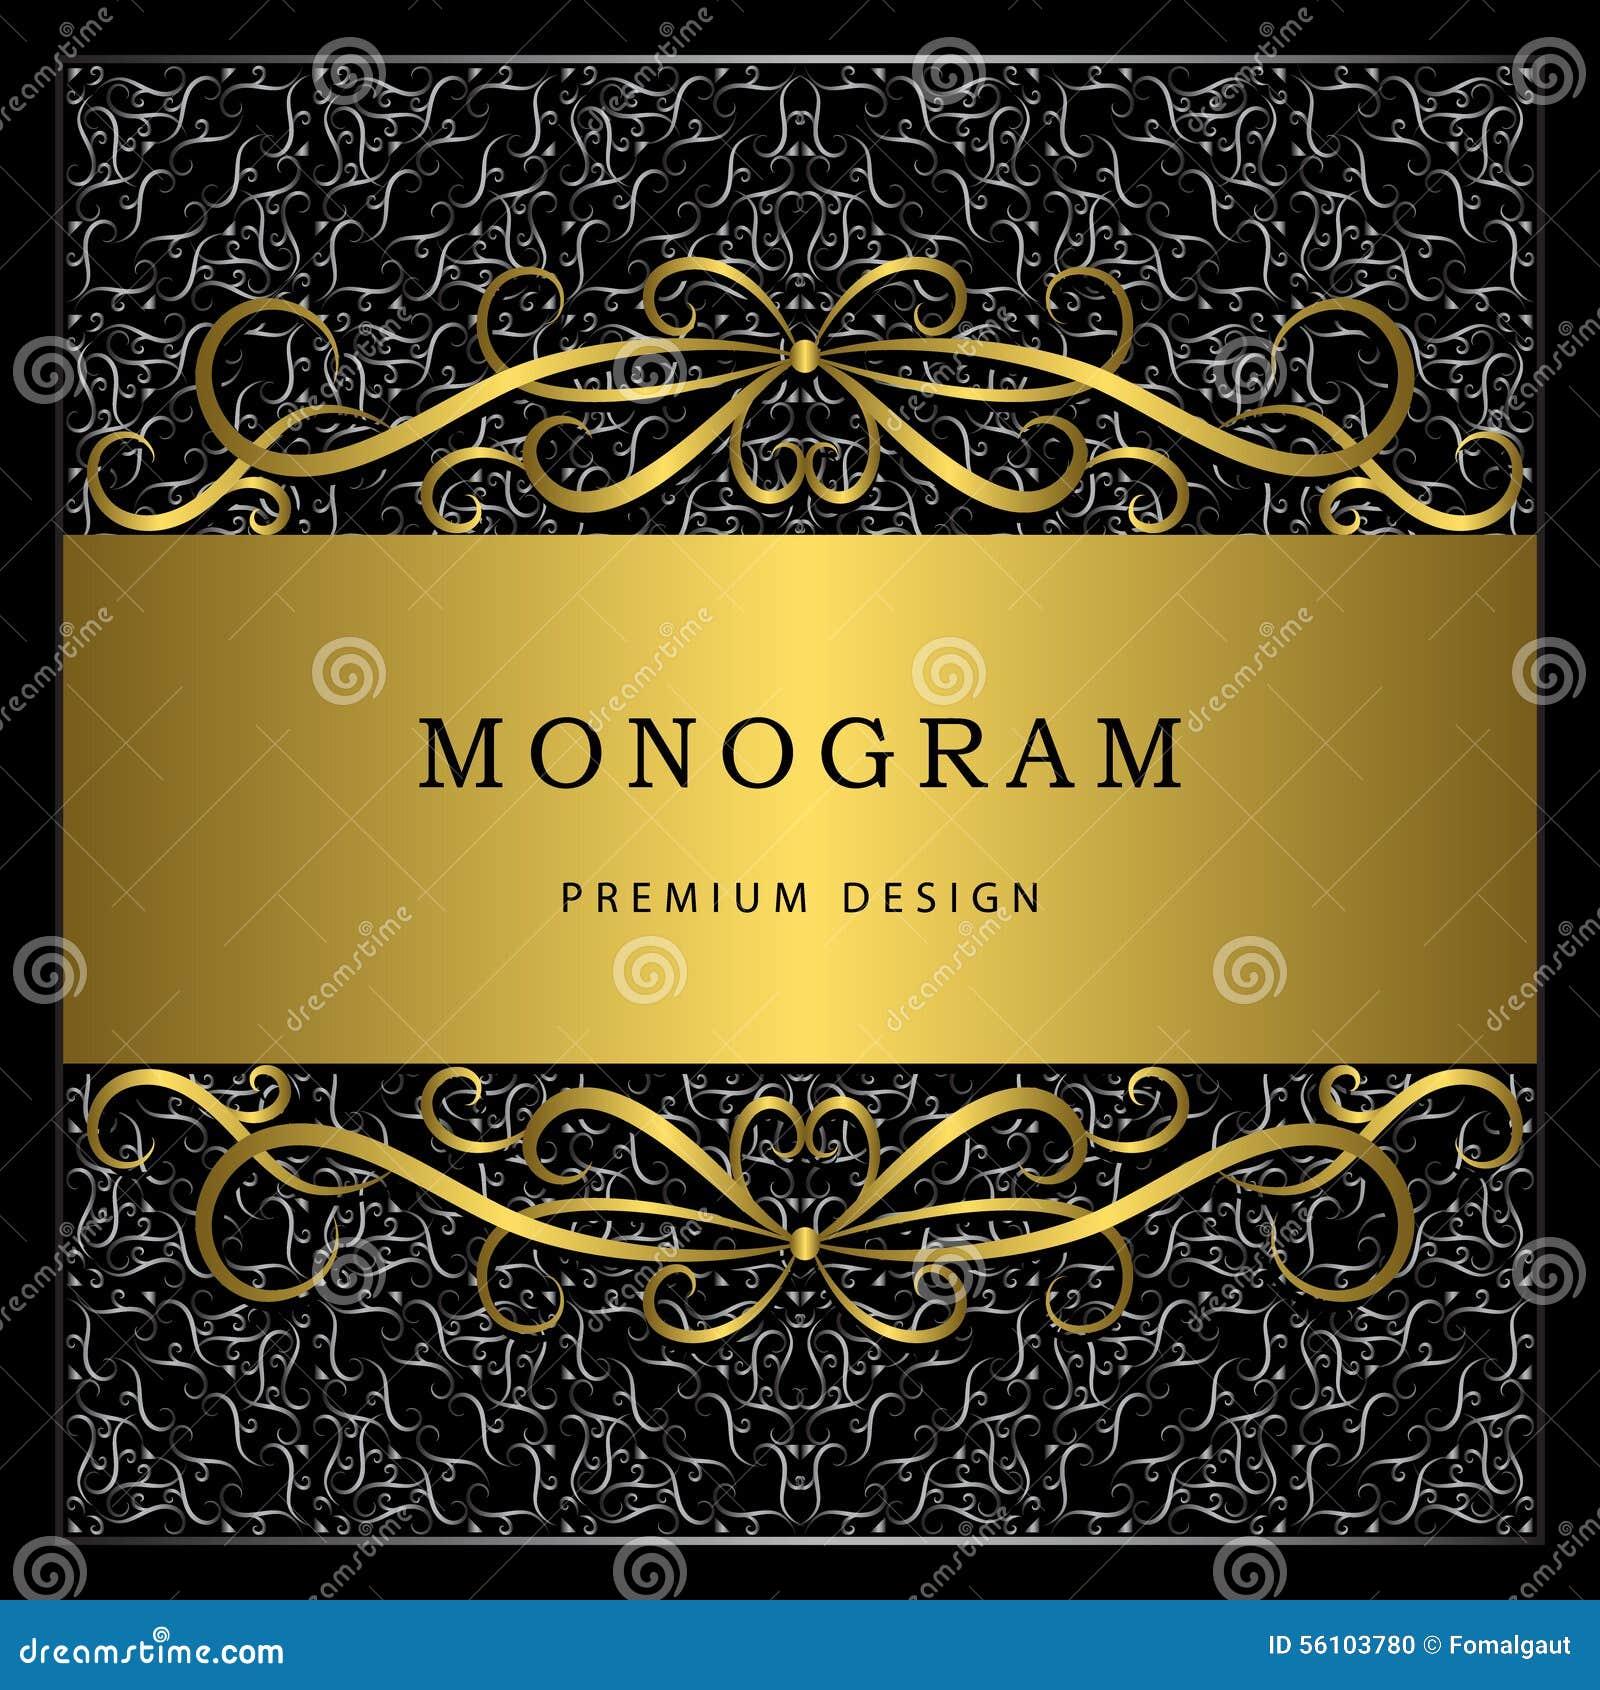 Elementos del diseño del monograma, plantilla agraciada Línea elegante caligráfica diseño del logotipo del arte Marco del oro con